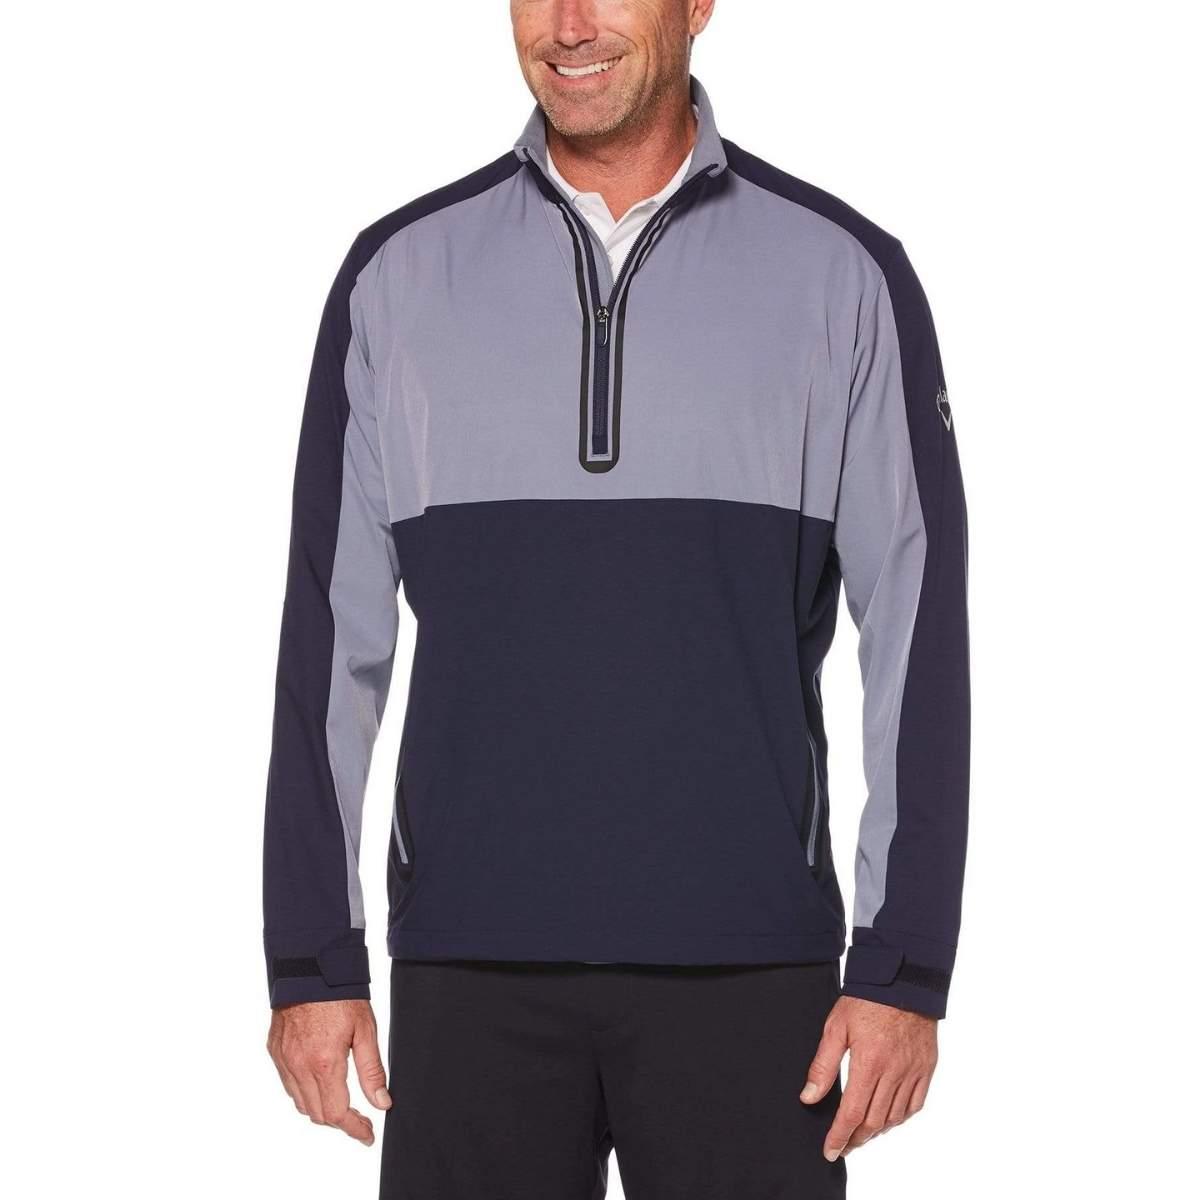 Callaway Men's Swing Tech 1/4 Zip Color Block Golf Windshirt